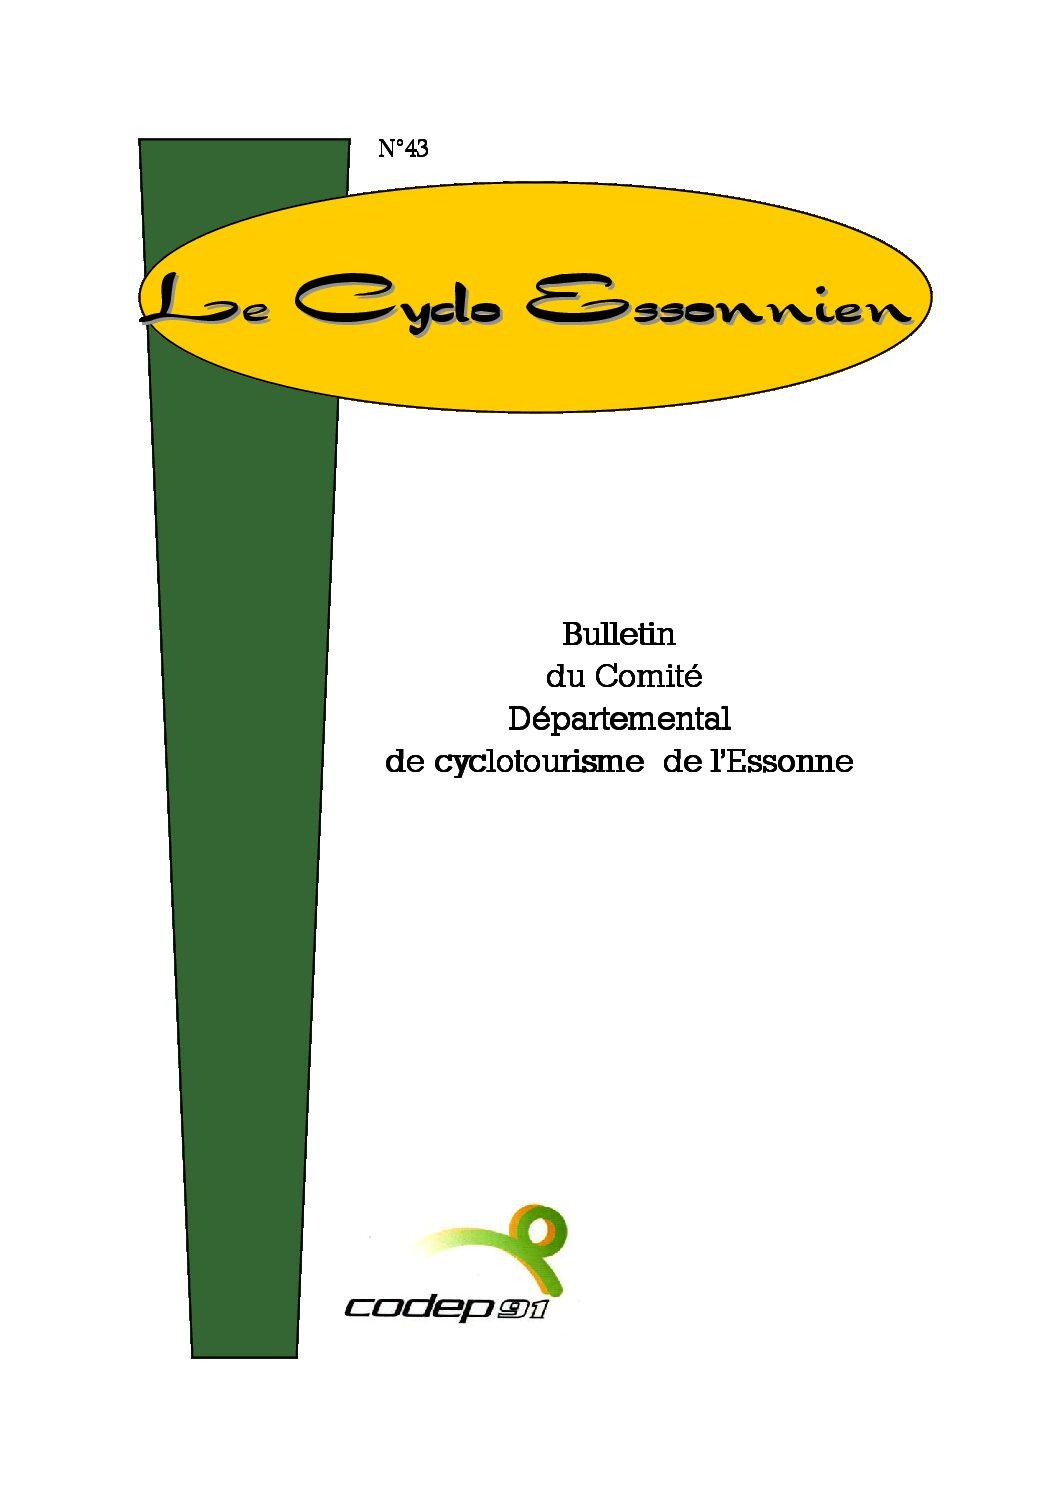 Le Cyclo Essonnien n°43